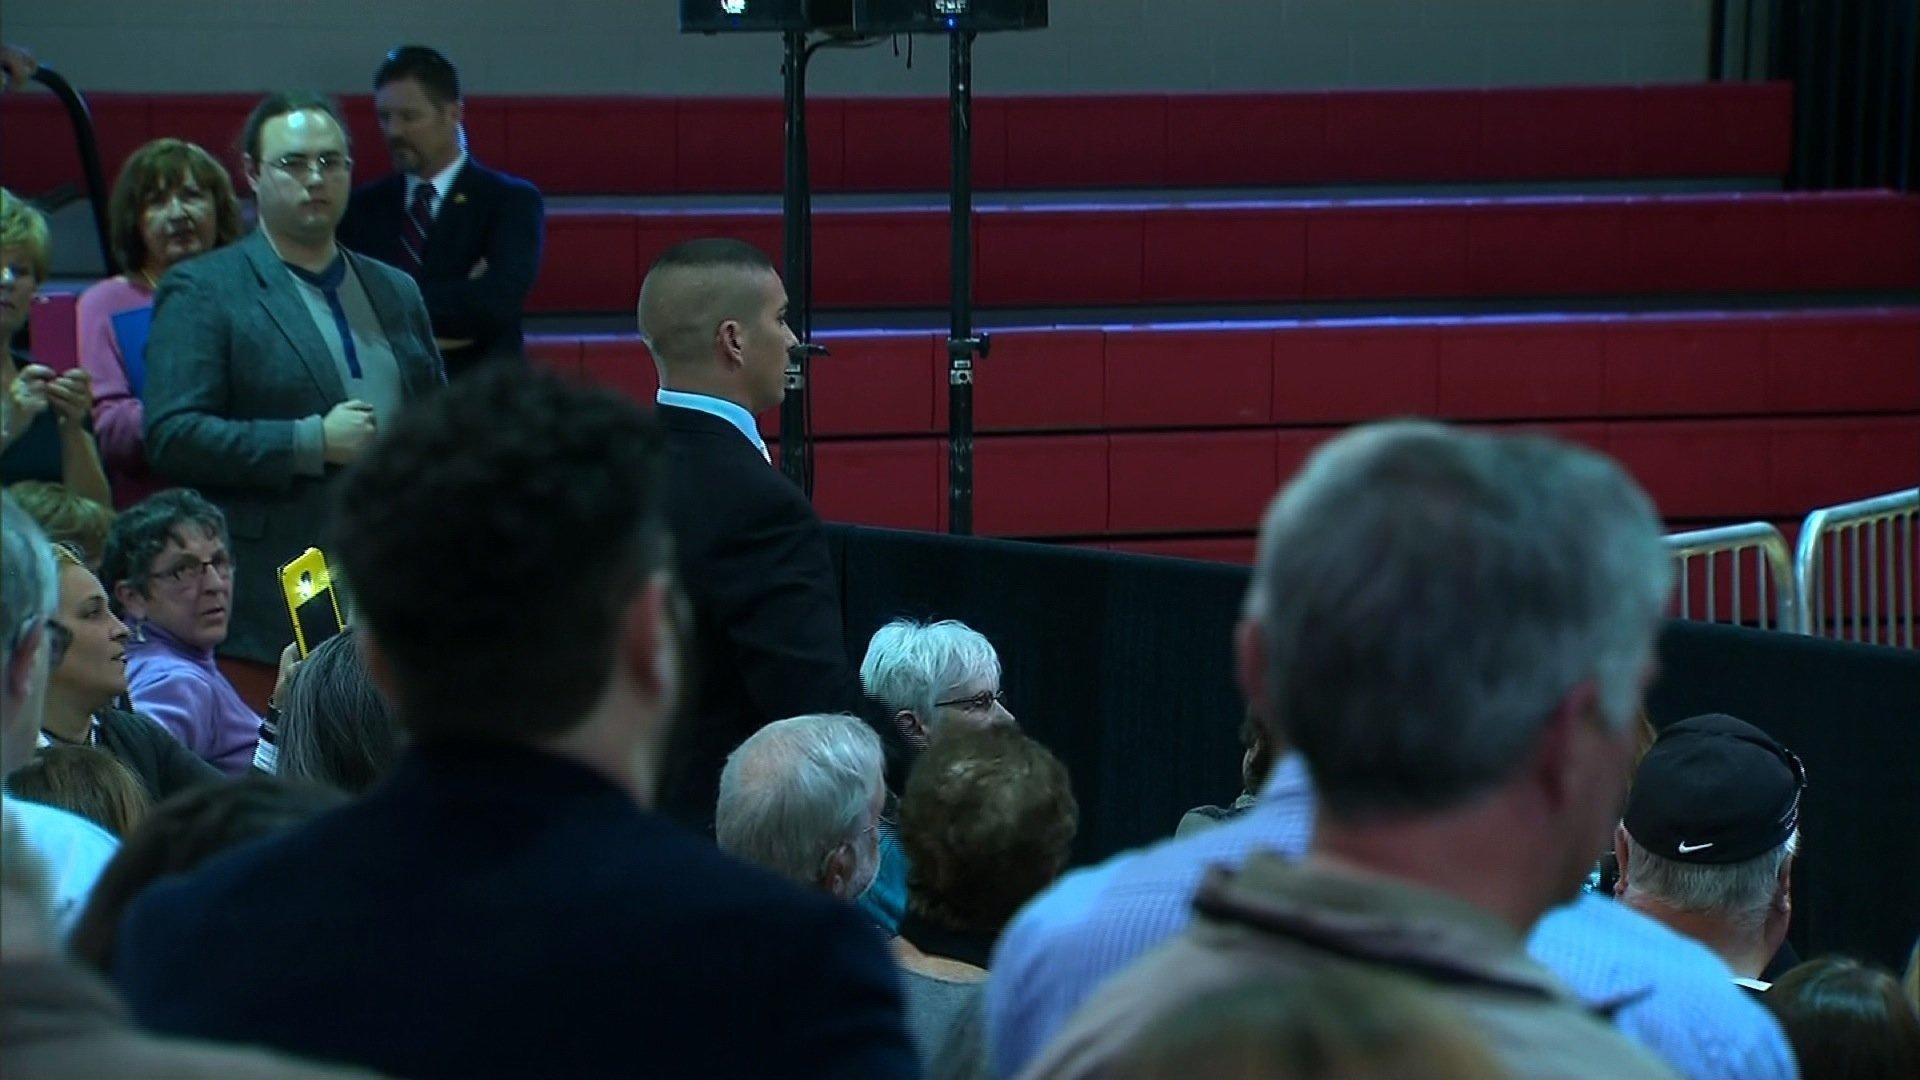 Veteran Interrupts Speech, Bill Clinton Snaps